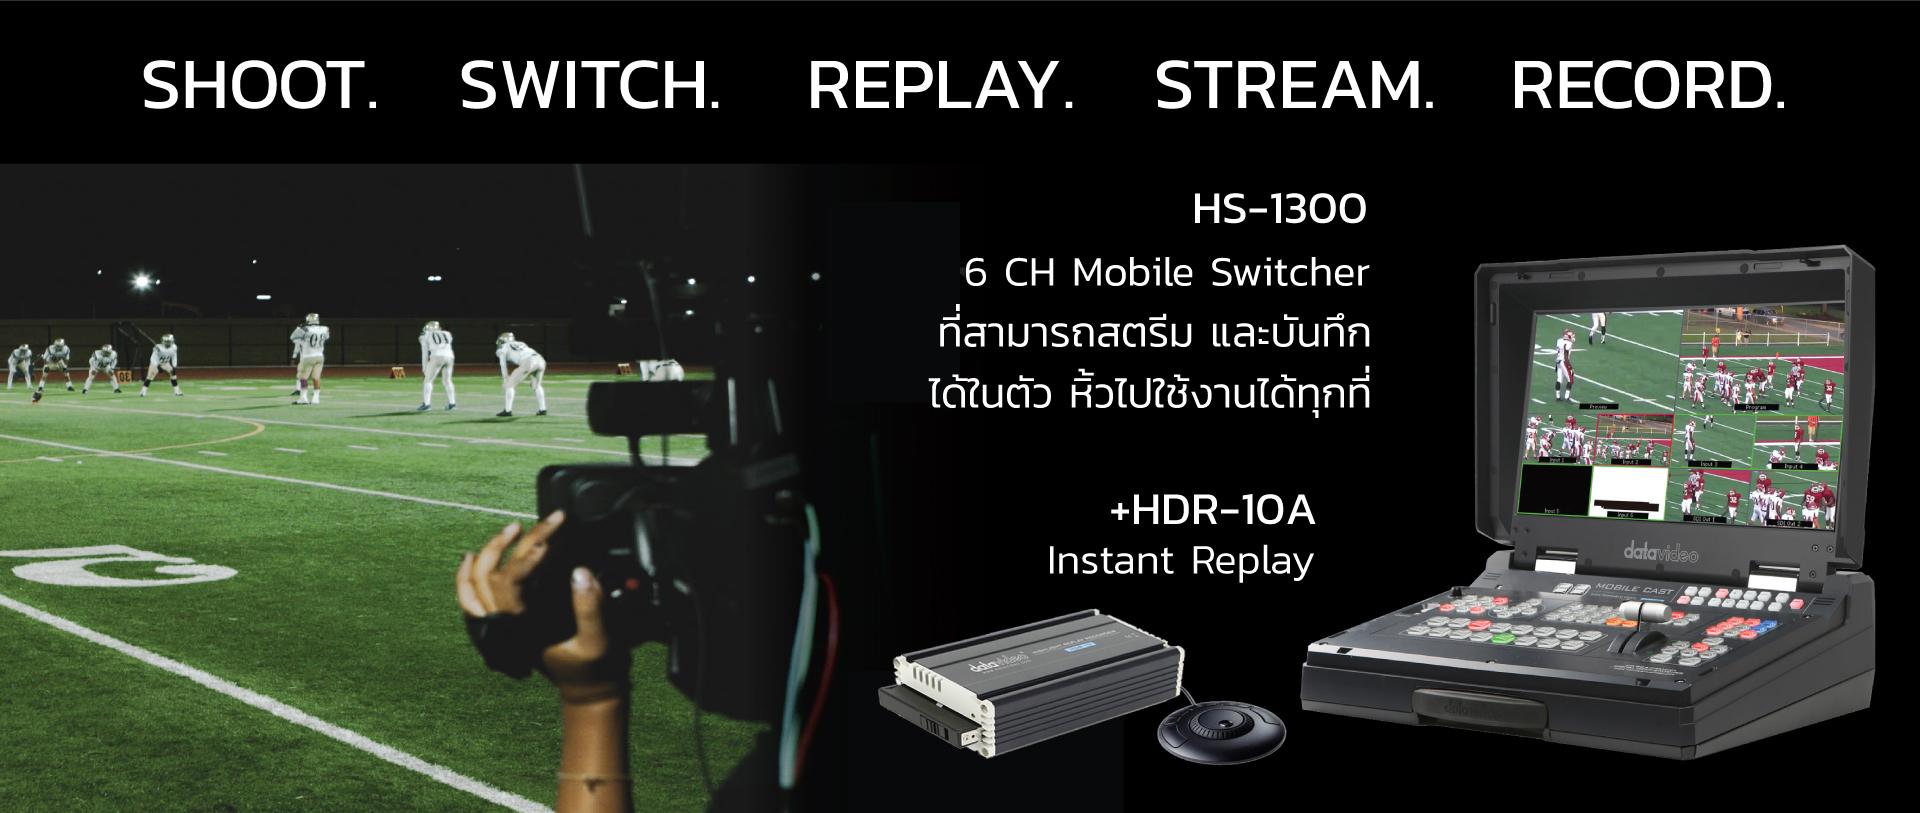 6ch mobile studio